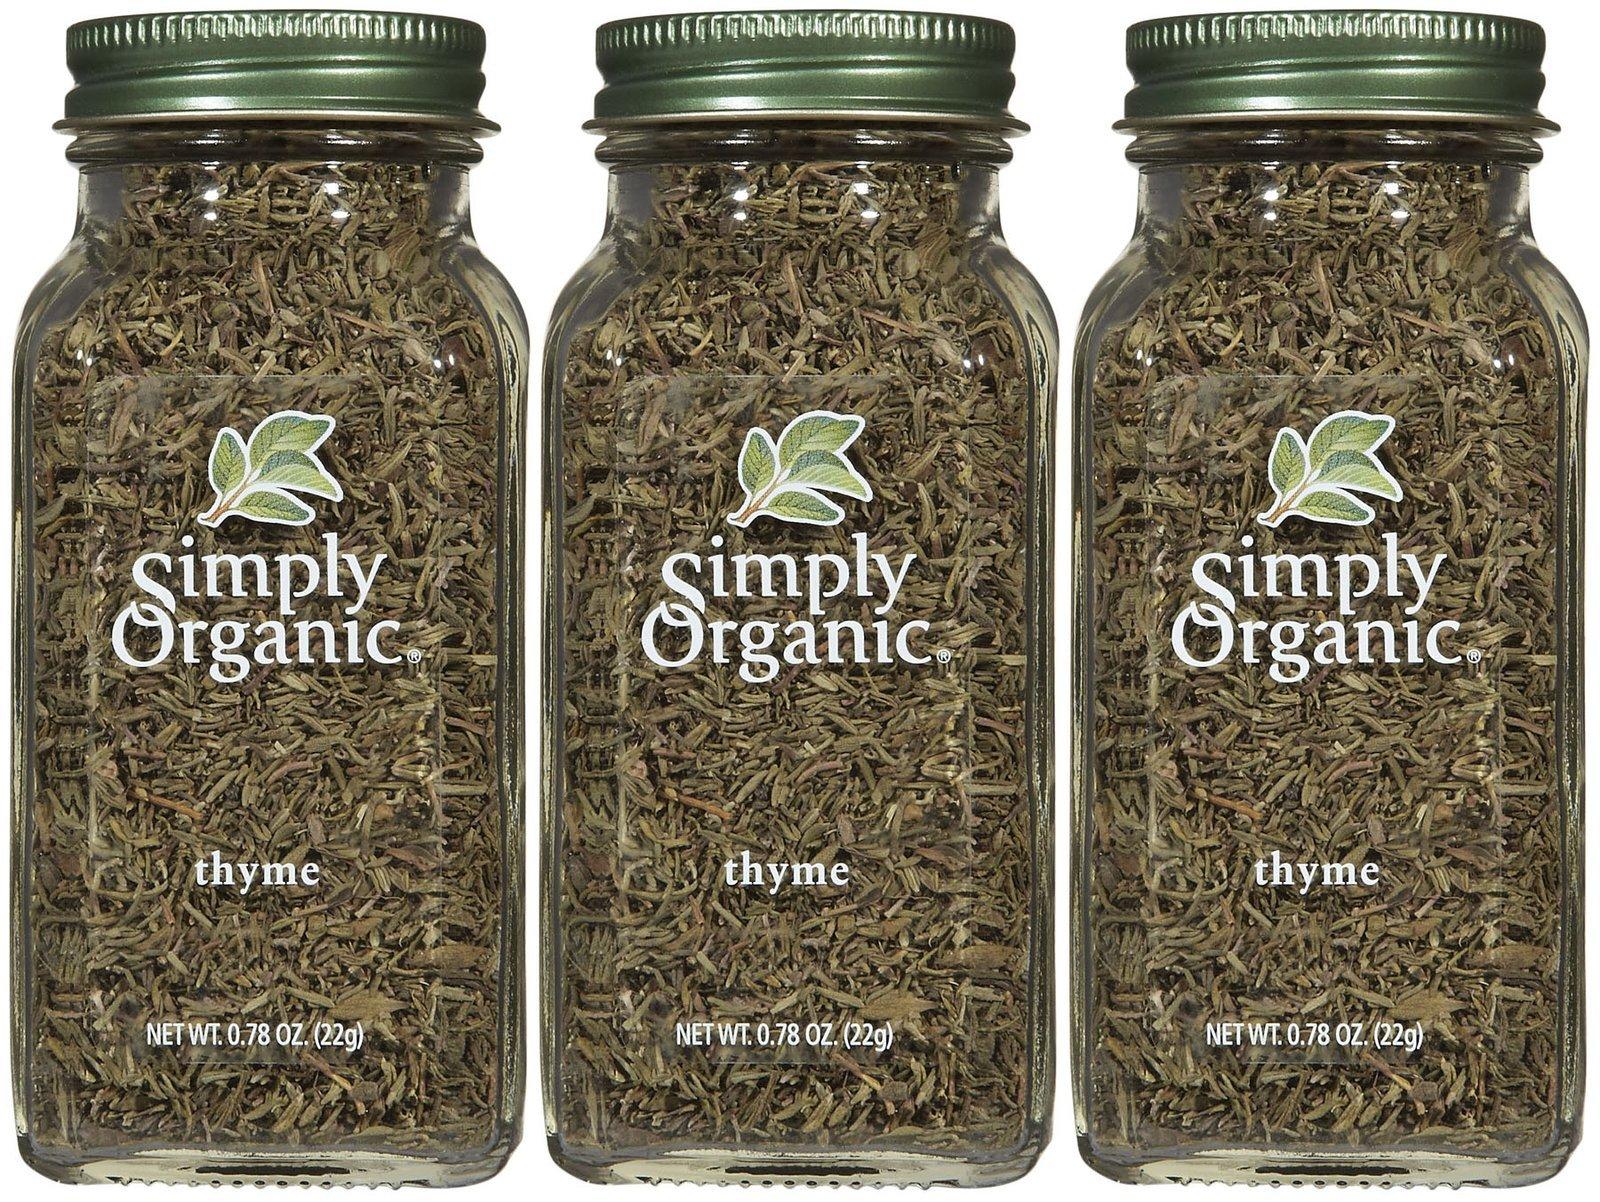 Simply Organic Ssnng Thyme Leaf Org Bttl